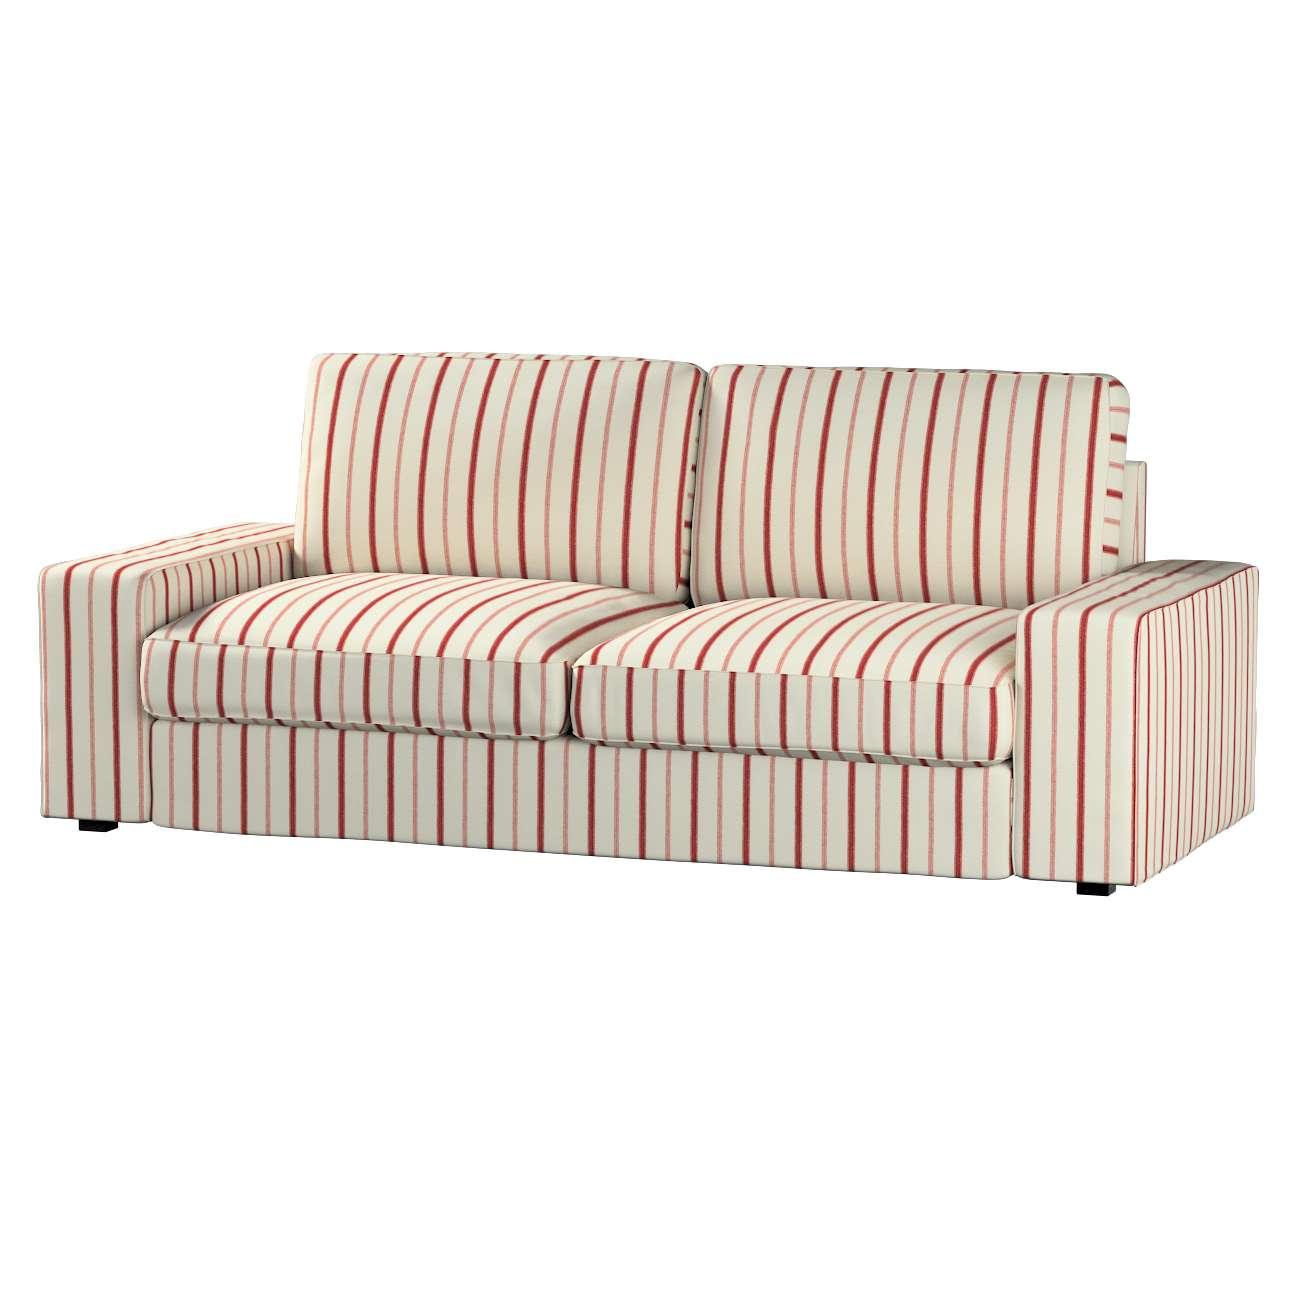 Pokrowiec na sofę Kivik 3-osobową, rozkładaną Sofa Kivik 3-osobowa rozkładana w kolekcji Avinon, tkanina: 129-15